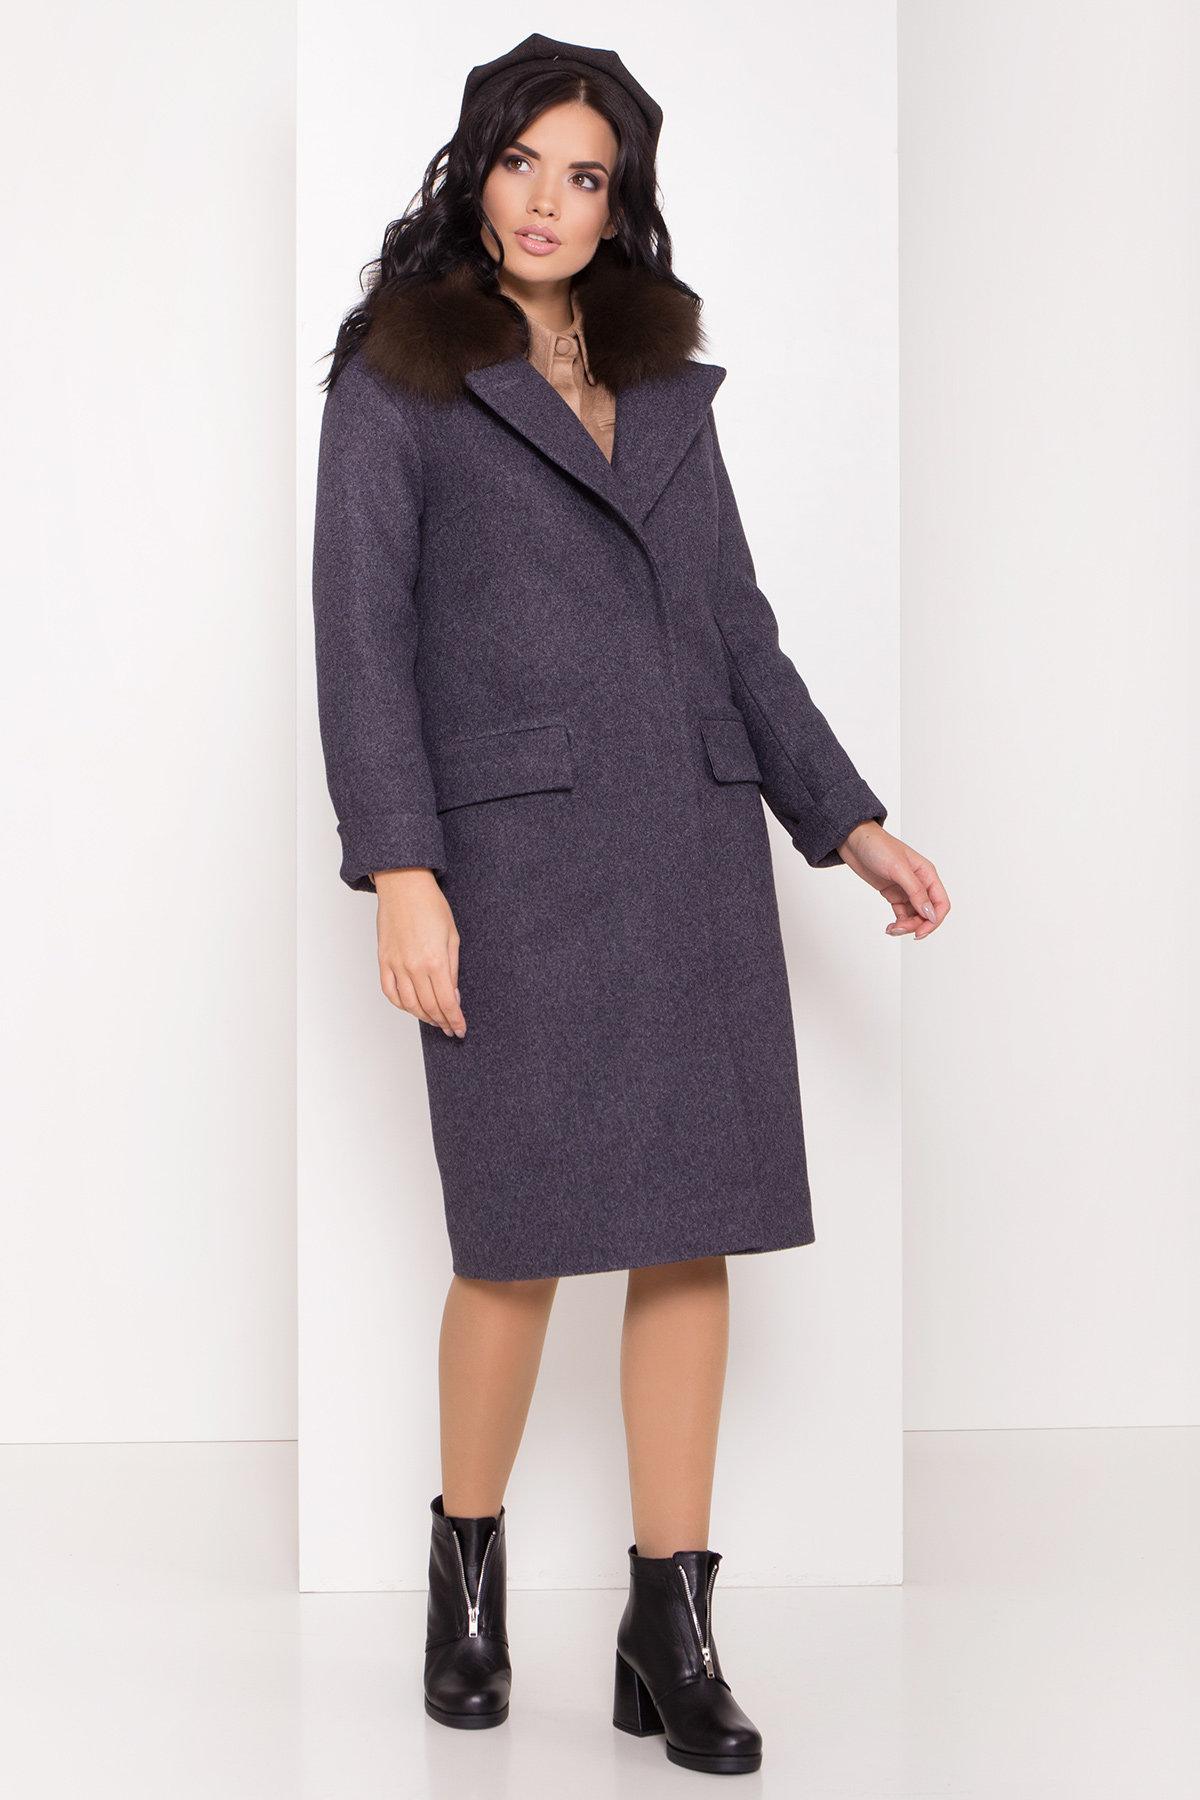 Зимнее пальто с меховым воротником Моле 8185 АРТ. 44191 Цвет: Т.синий 543 - фото 2, интернет магазин tm-modus.ru